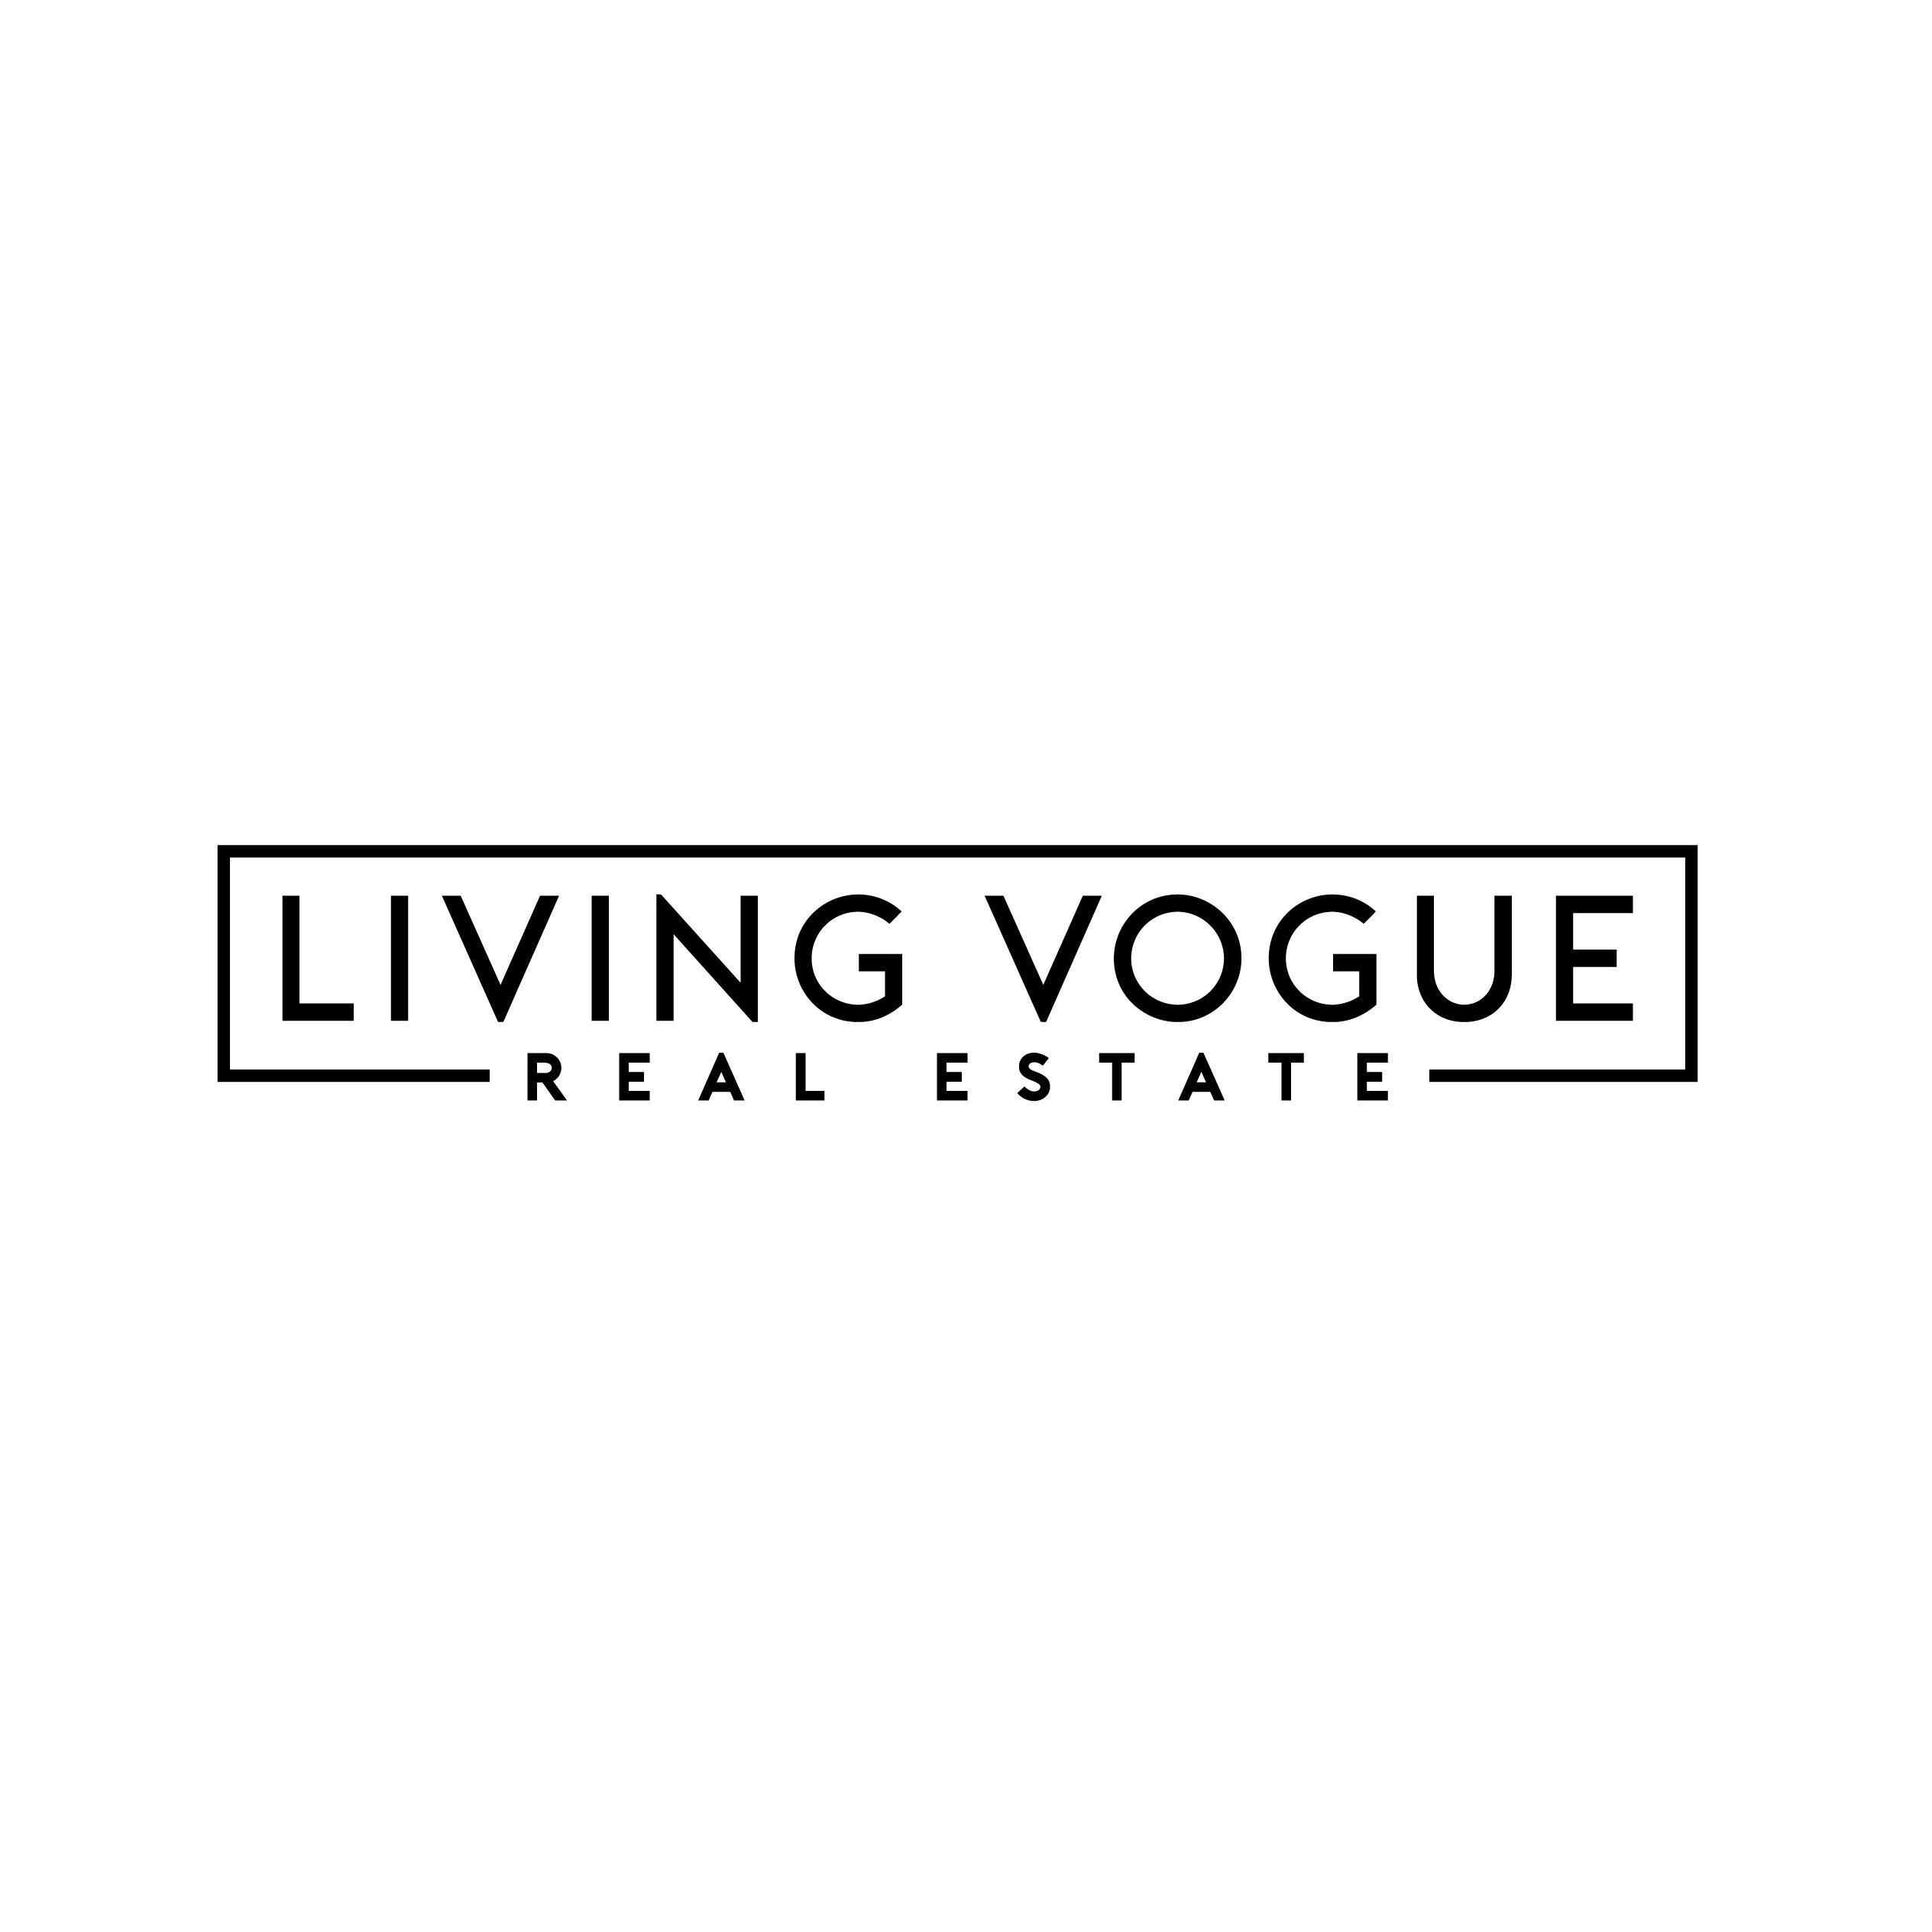 Living Vogue Real Estate